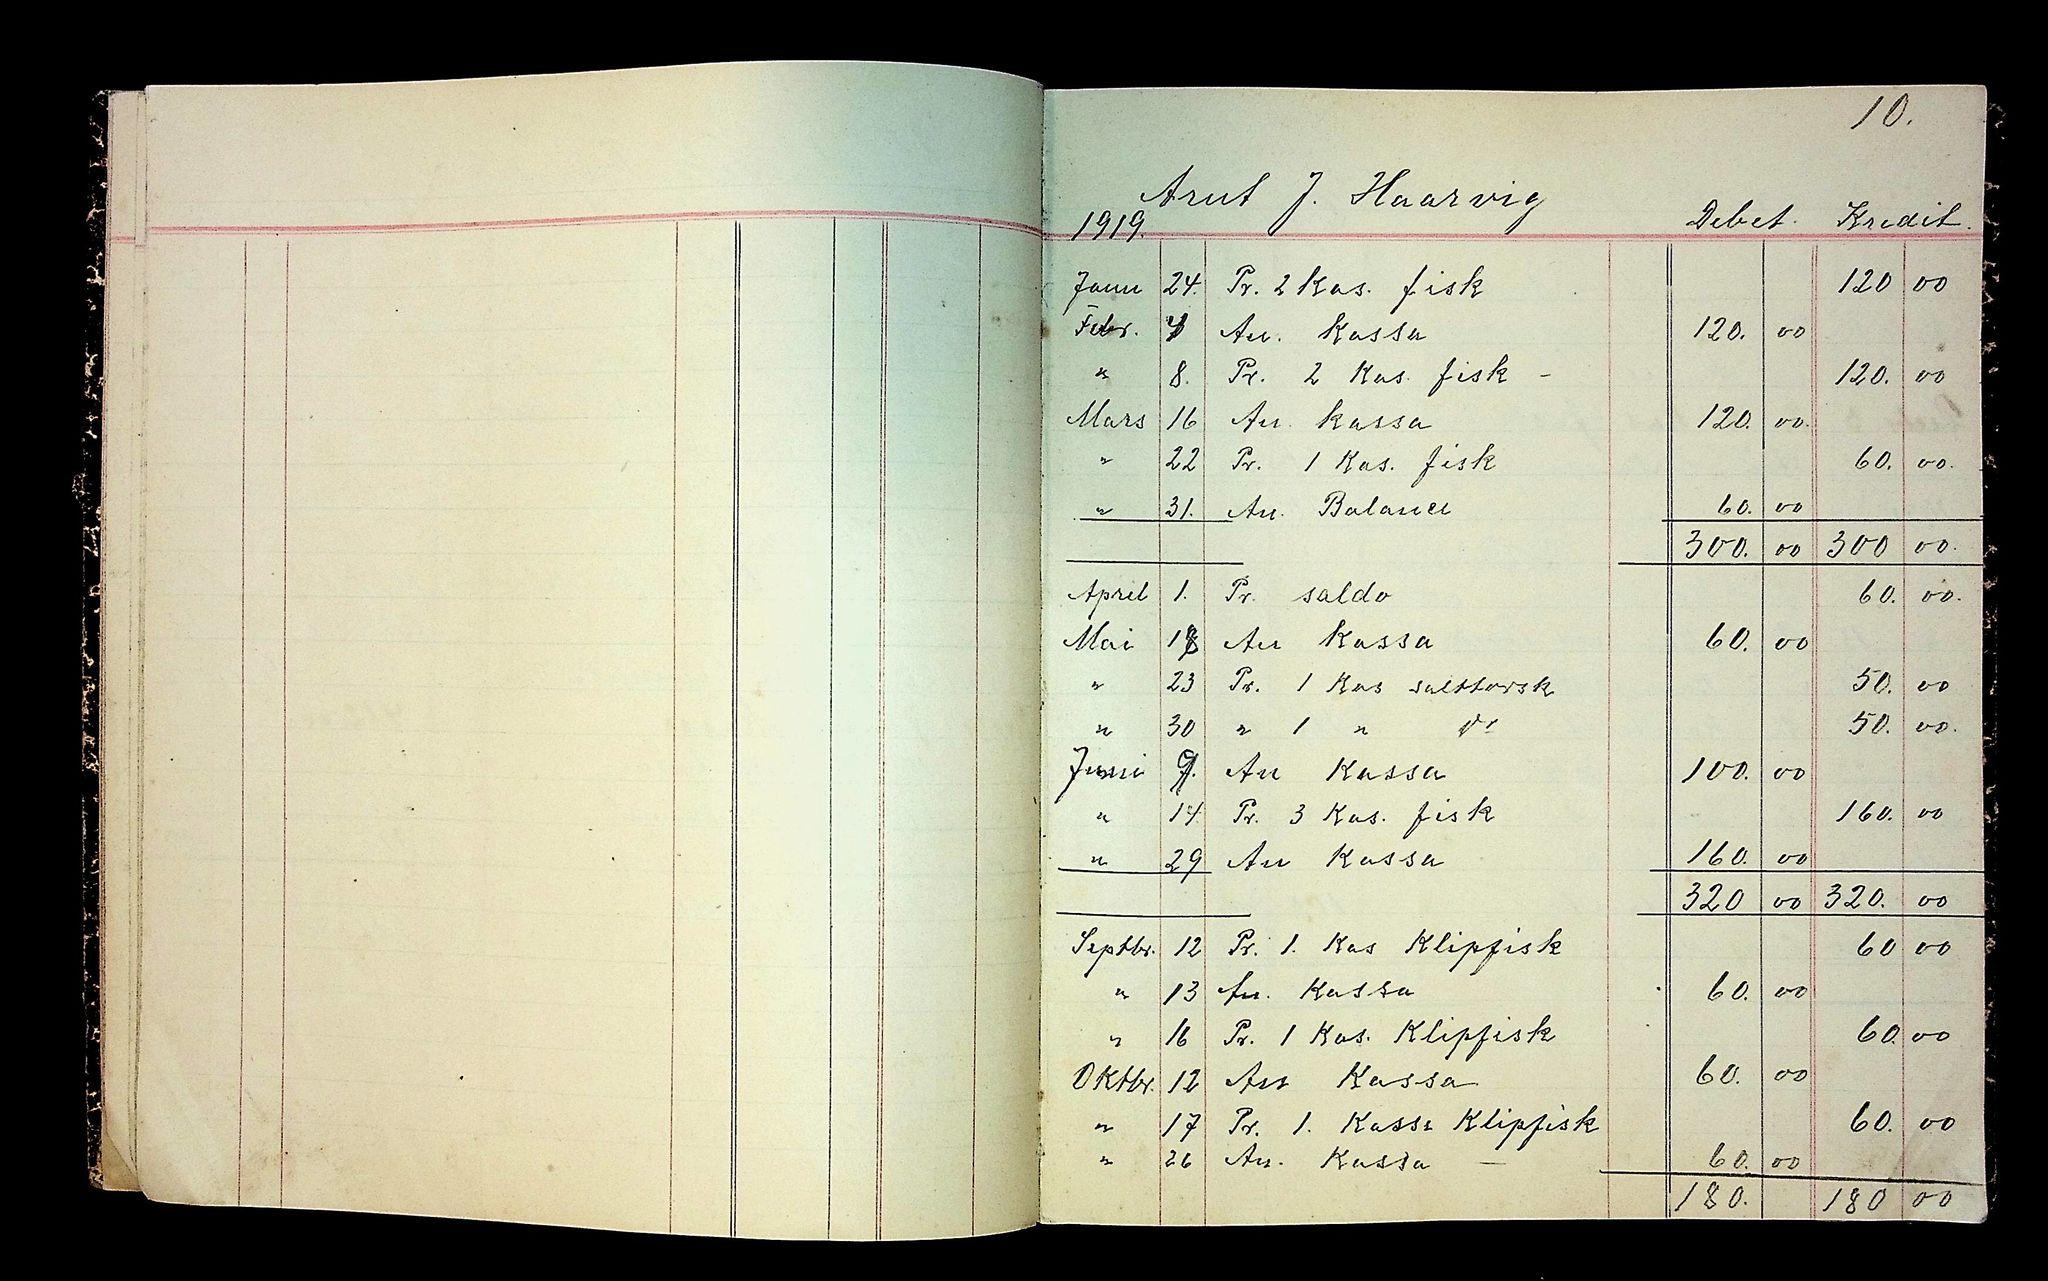 IKAH, Varaldsøy kommune. Mundheim provianteringsråd, R/Ra/L0002: Kontobok  for Mundheim provianteringsråd, 1919-1920, s. 11